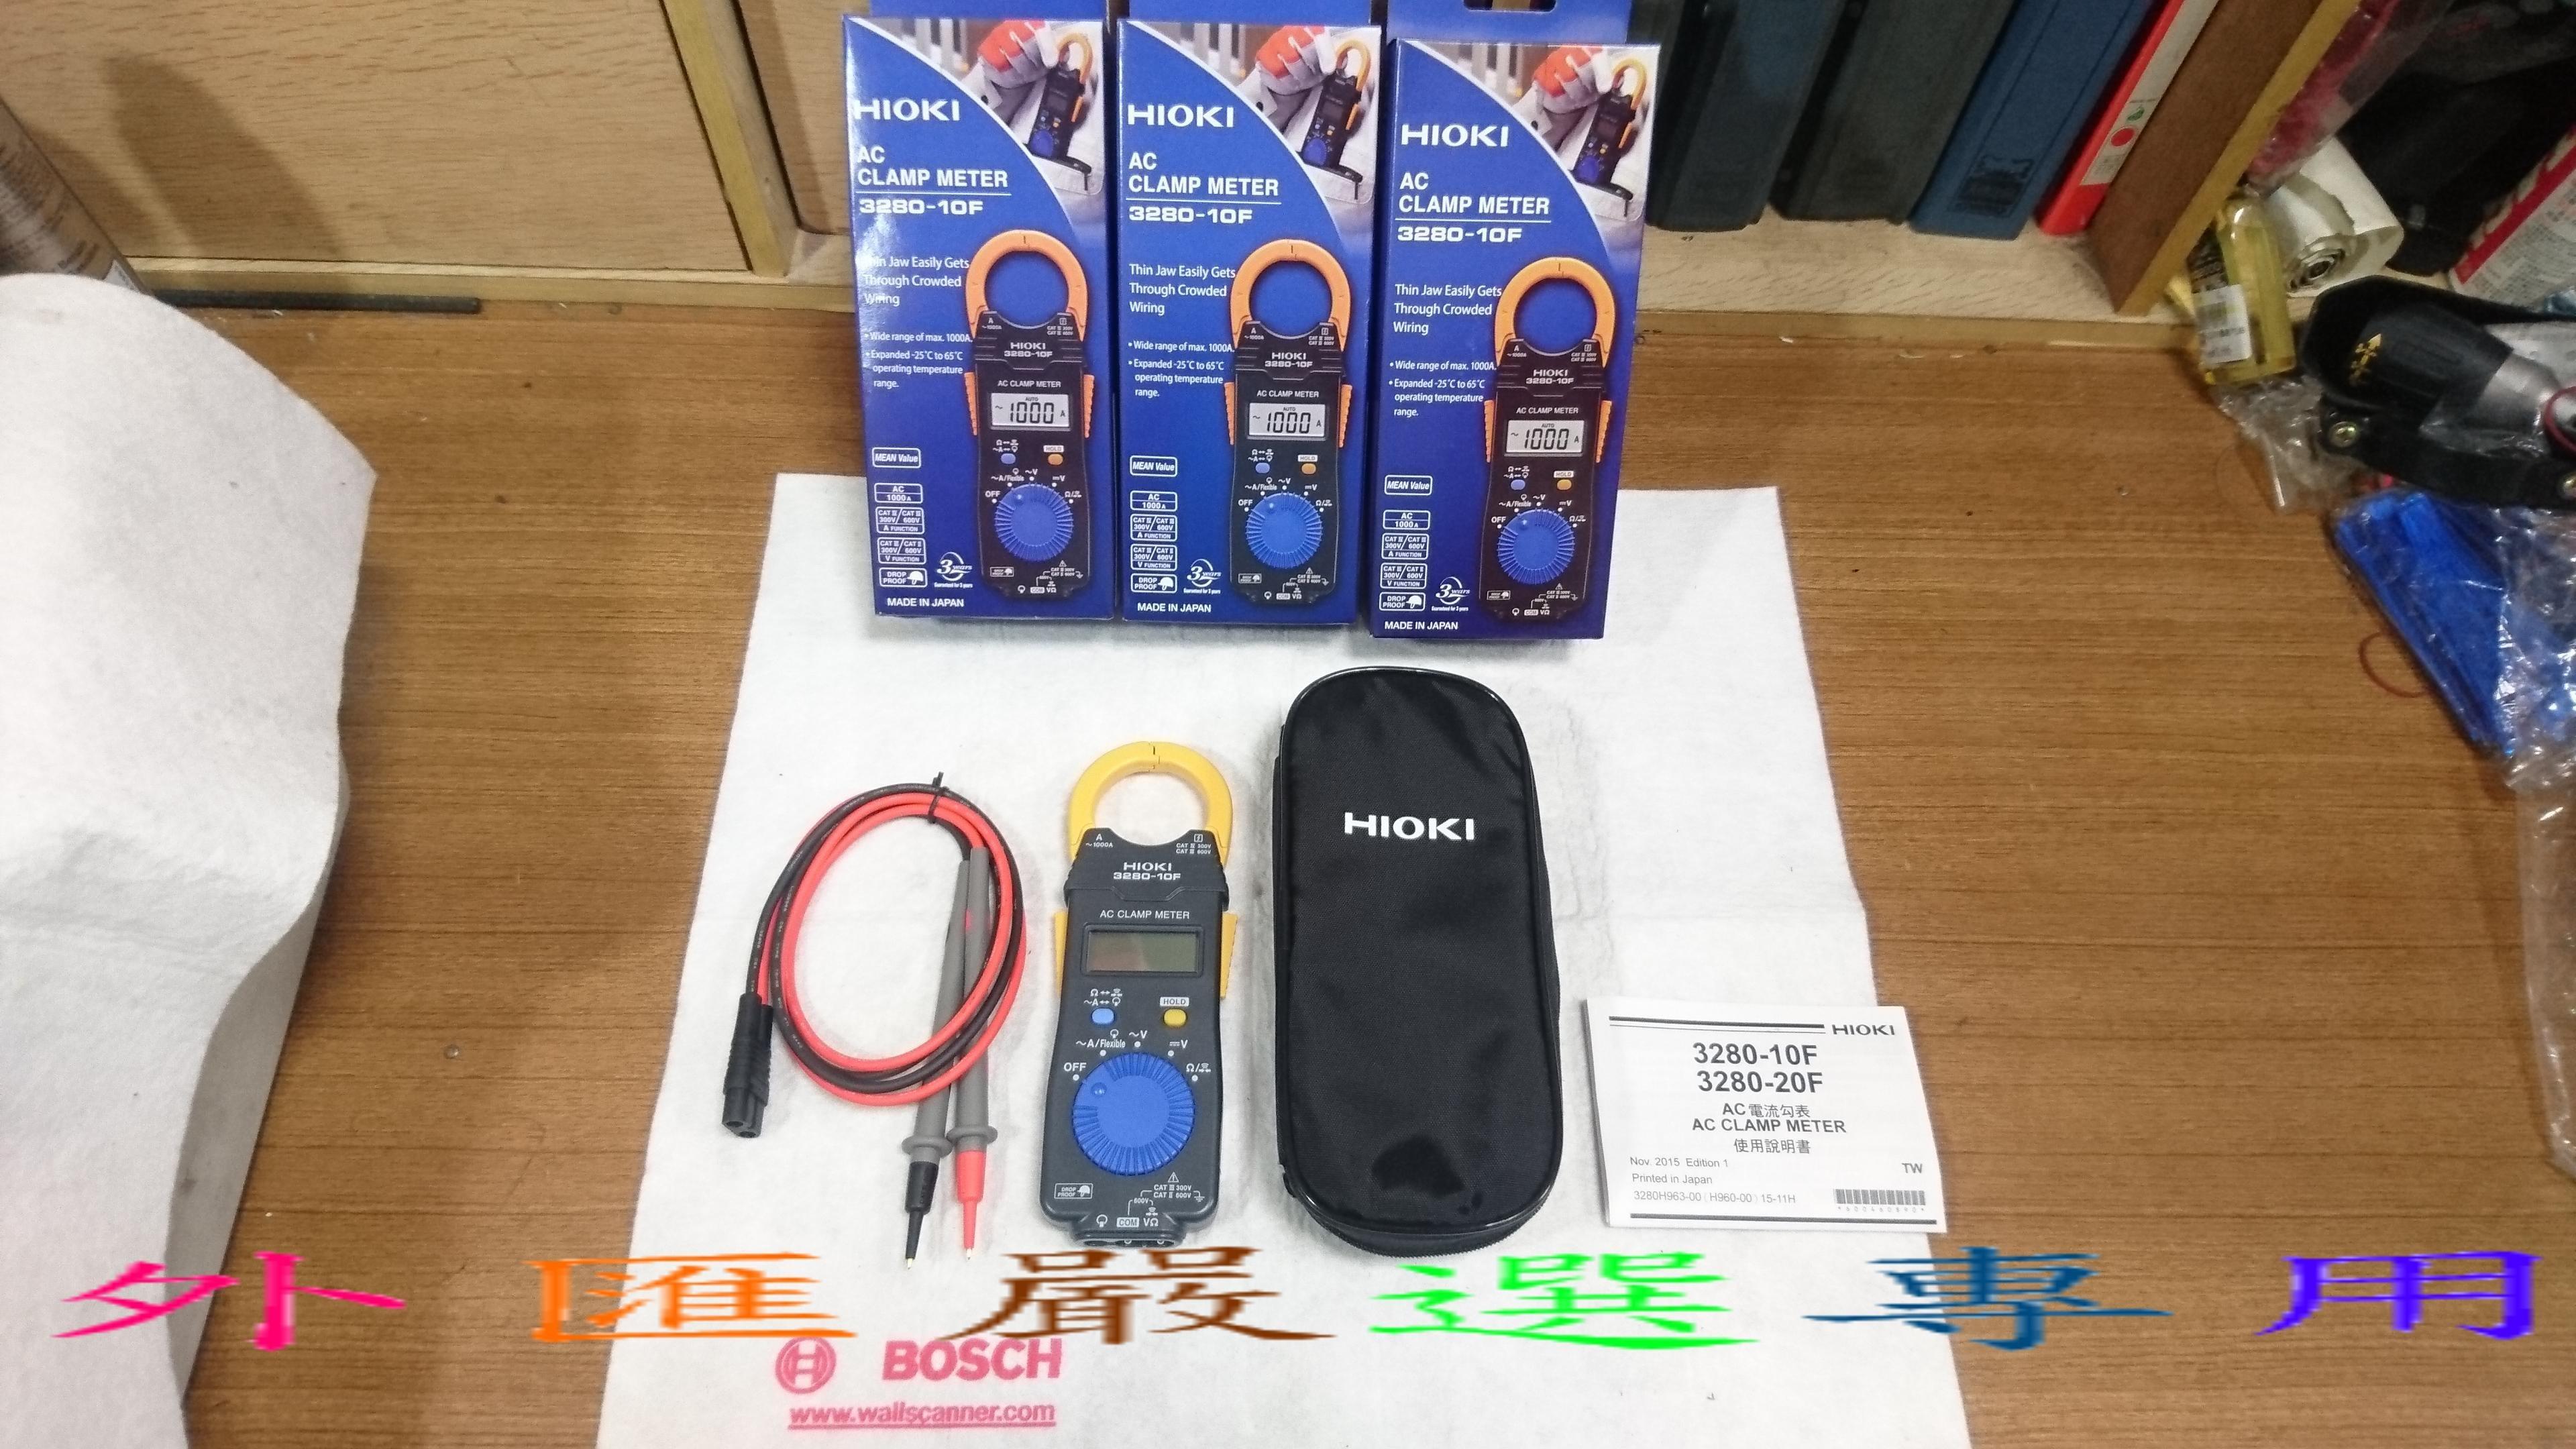 外匯嚴選 日本原裝 HIOKI 3280-10F 交流 鉤錶 電表 電錶 日本製 交流勾表  保證原廠公司貨